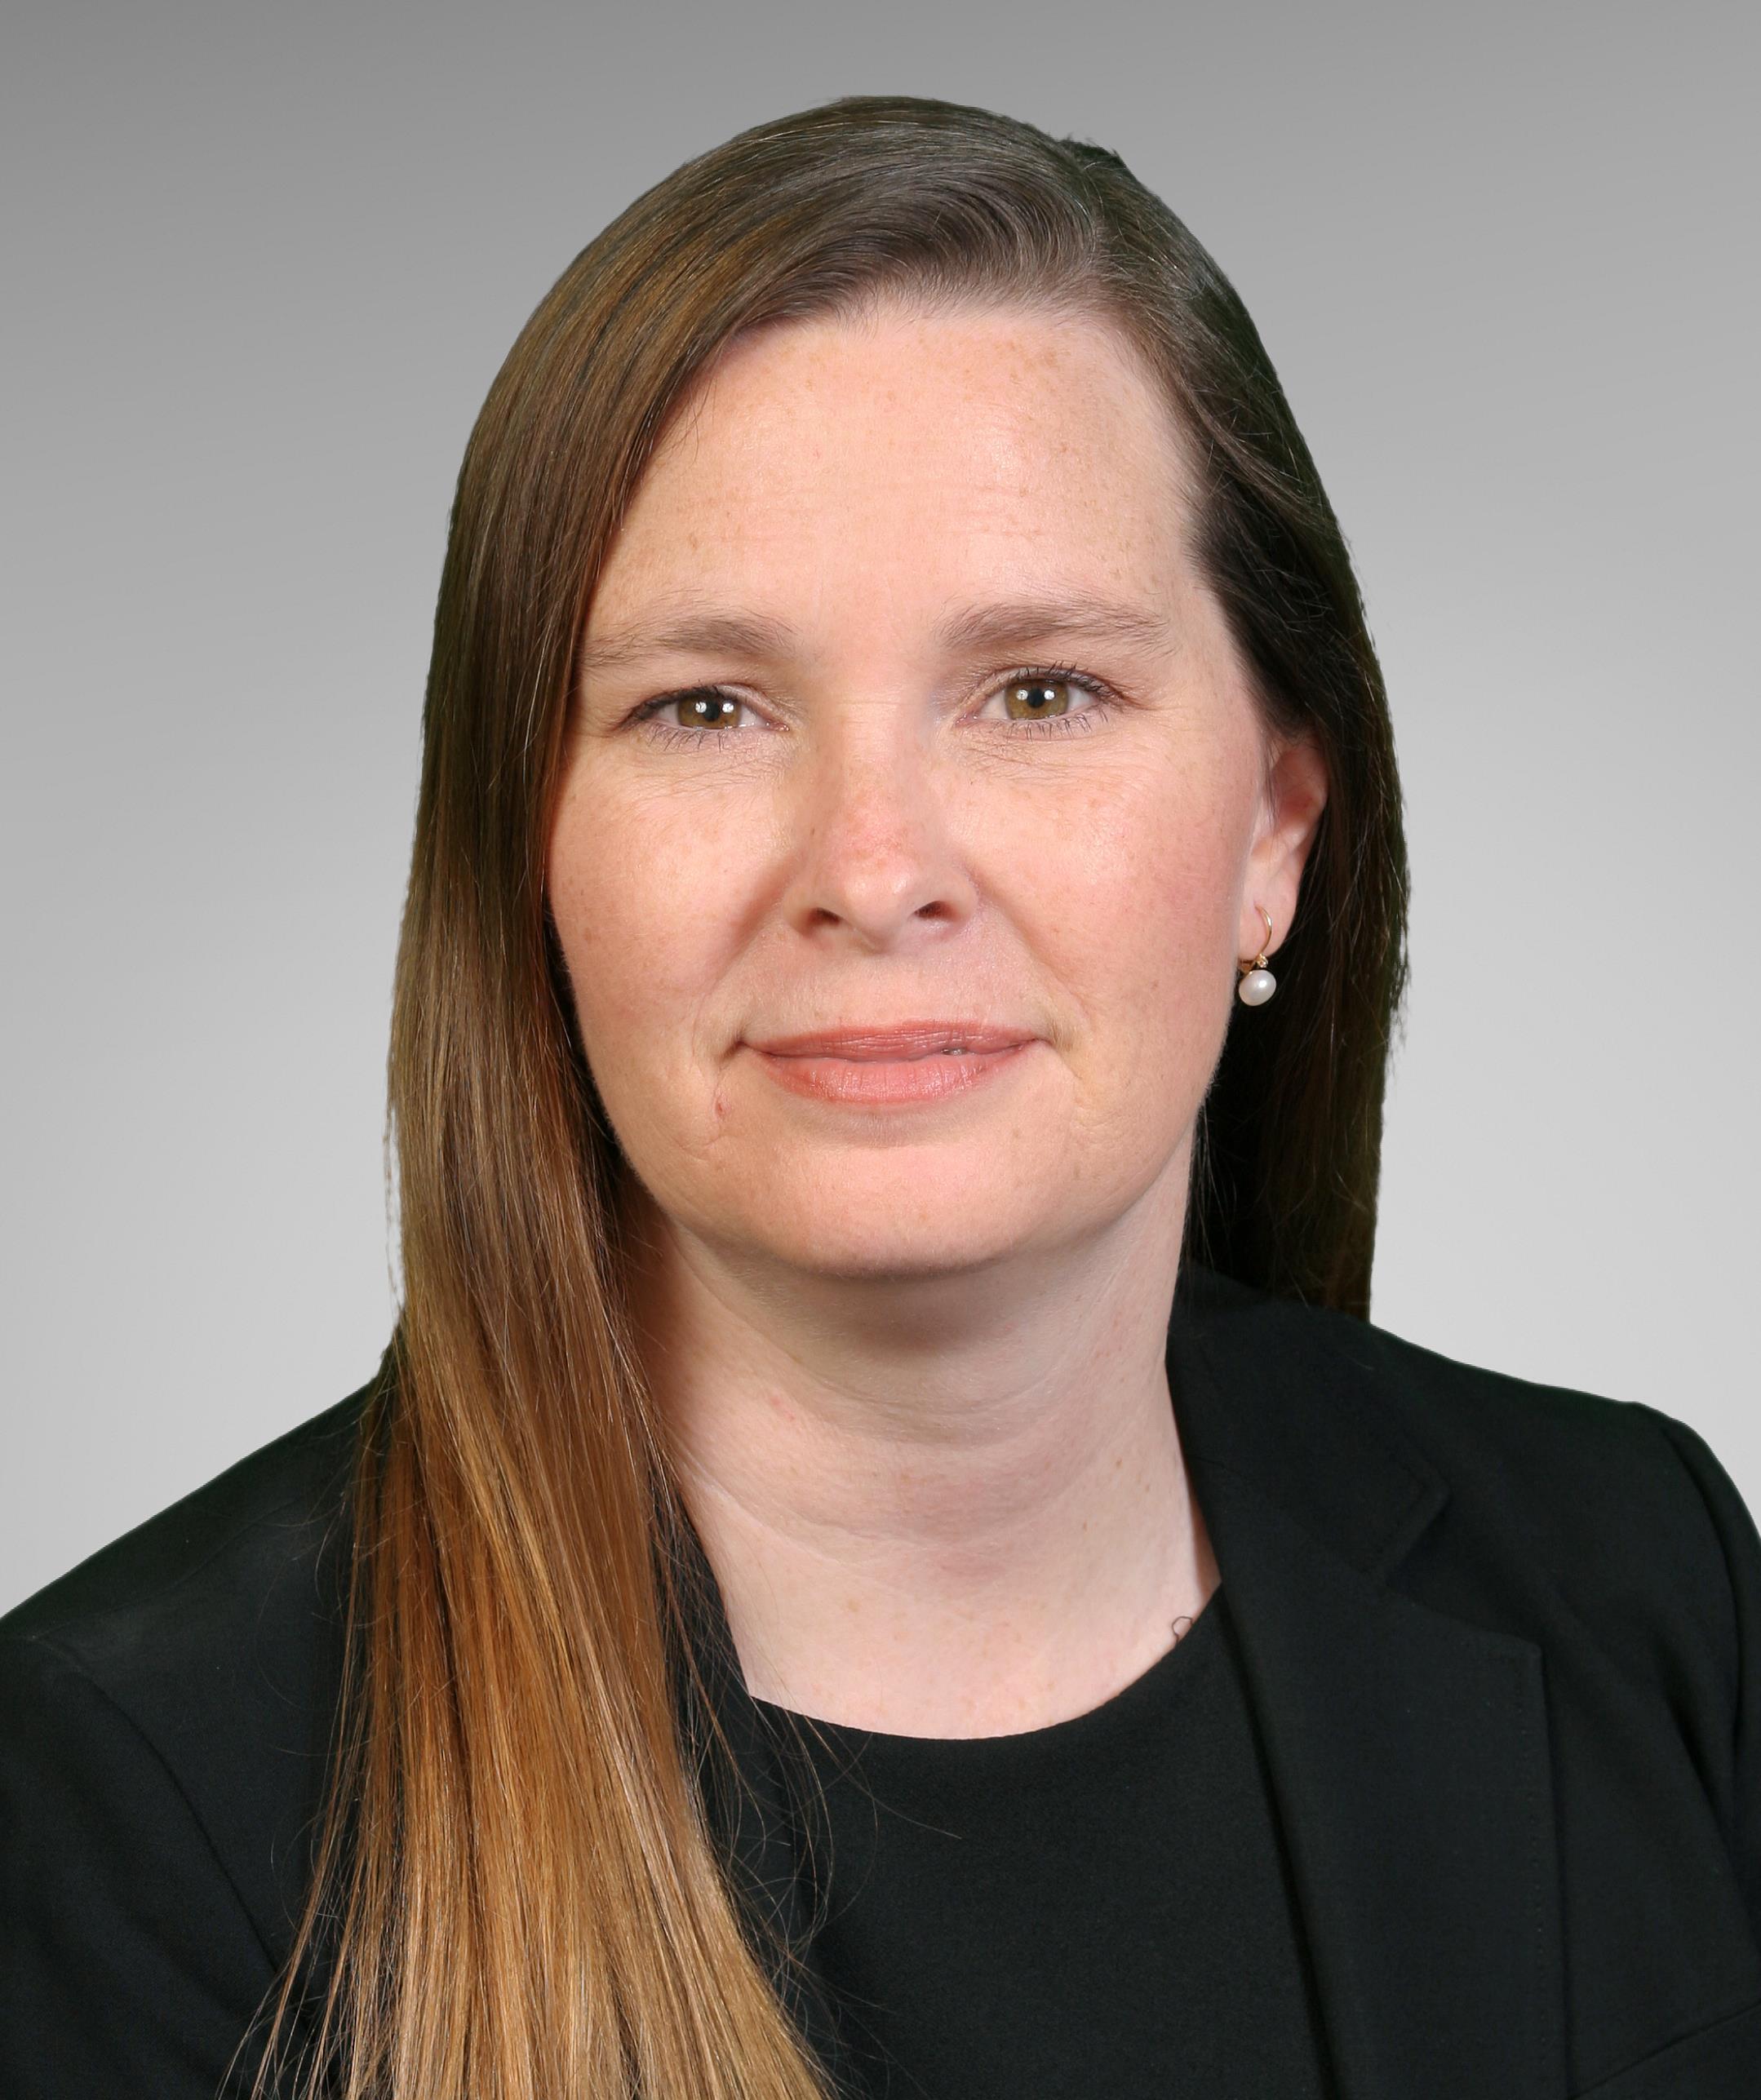 Mrs. Ashley Taggart, Principal